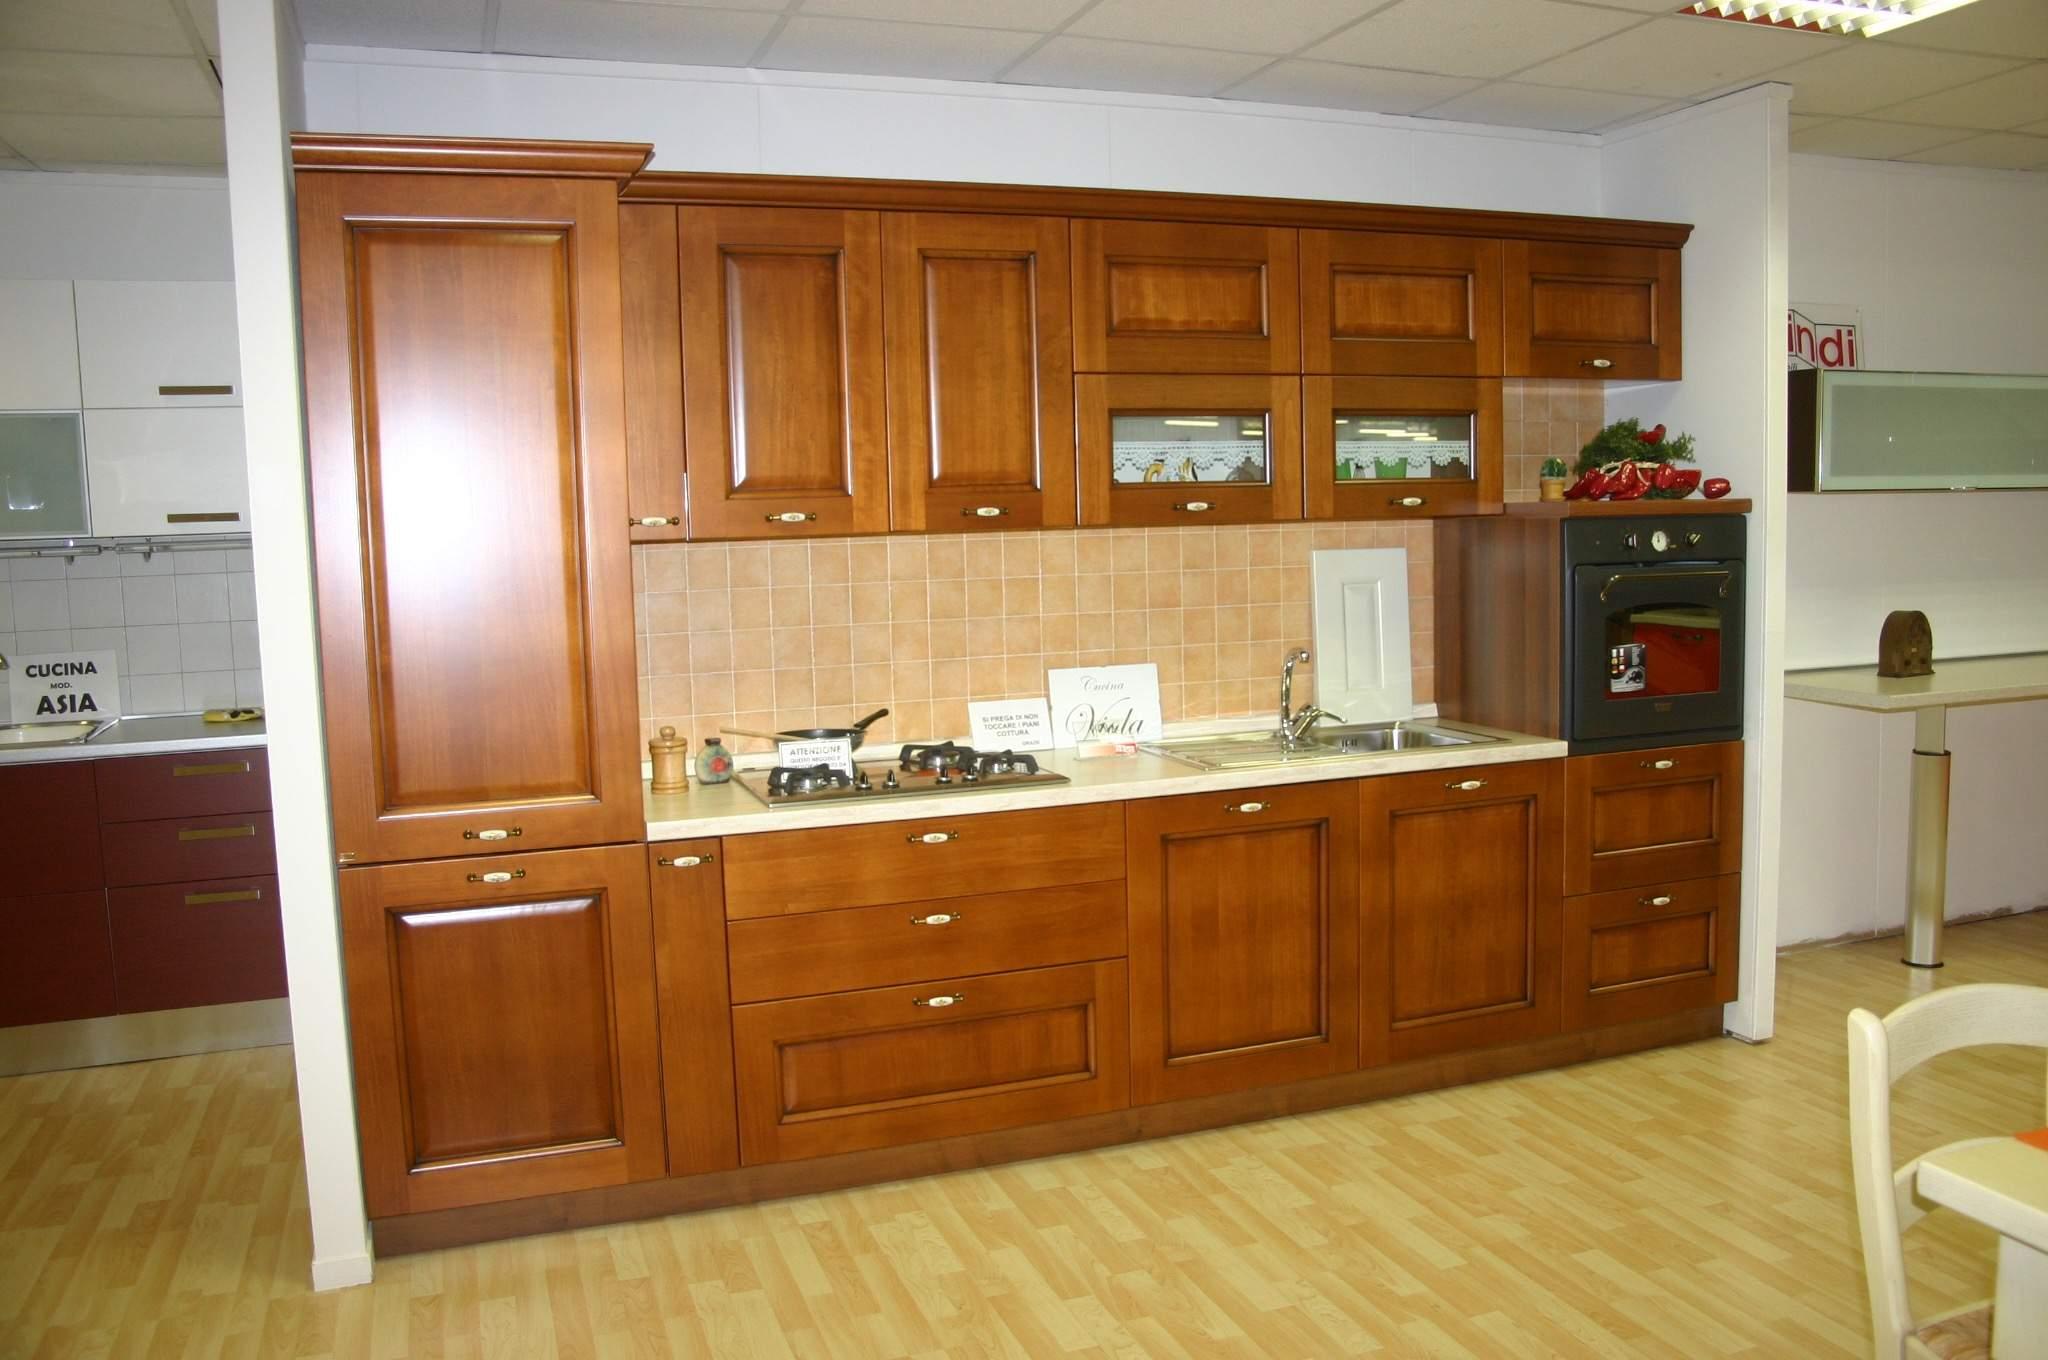 Piacentini arredamenti outlet7543 piacentini arredamenti for Arredamenti roma outlet